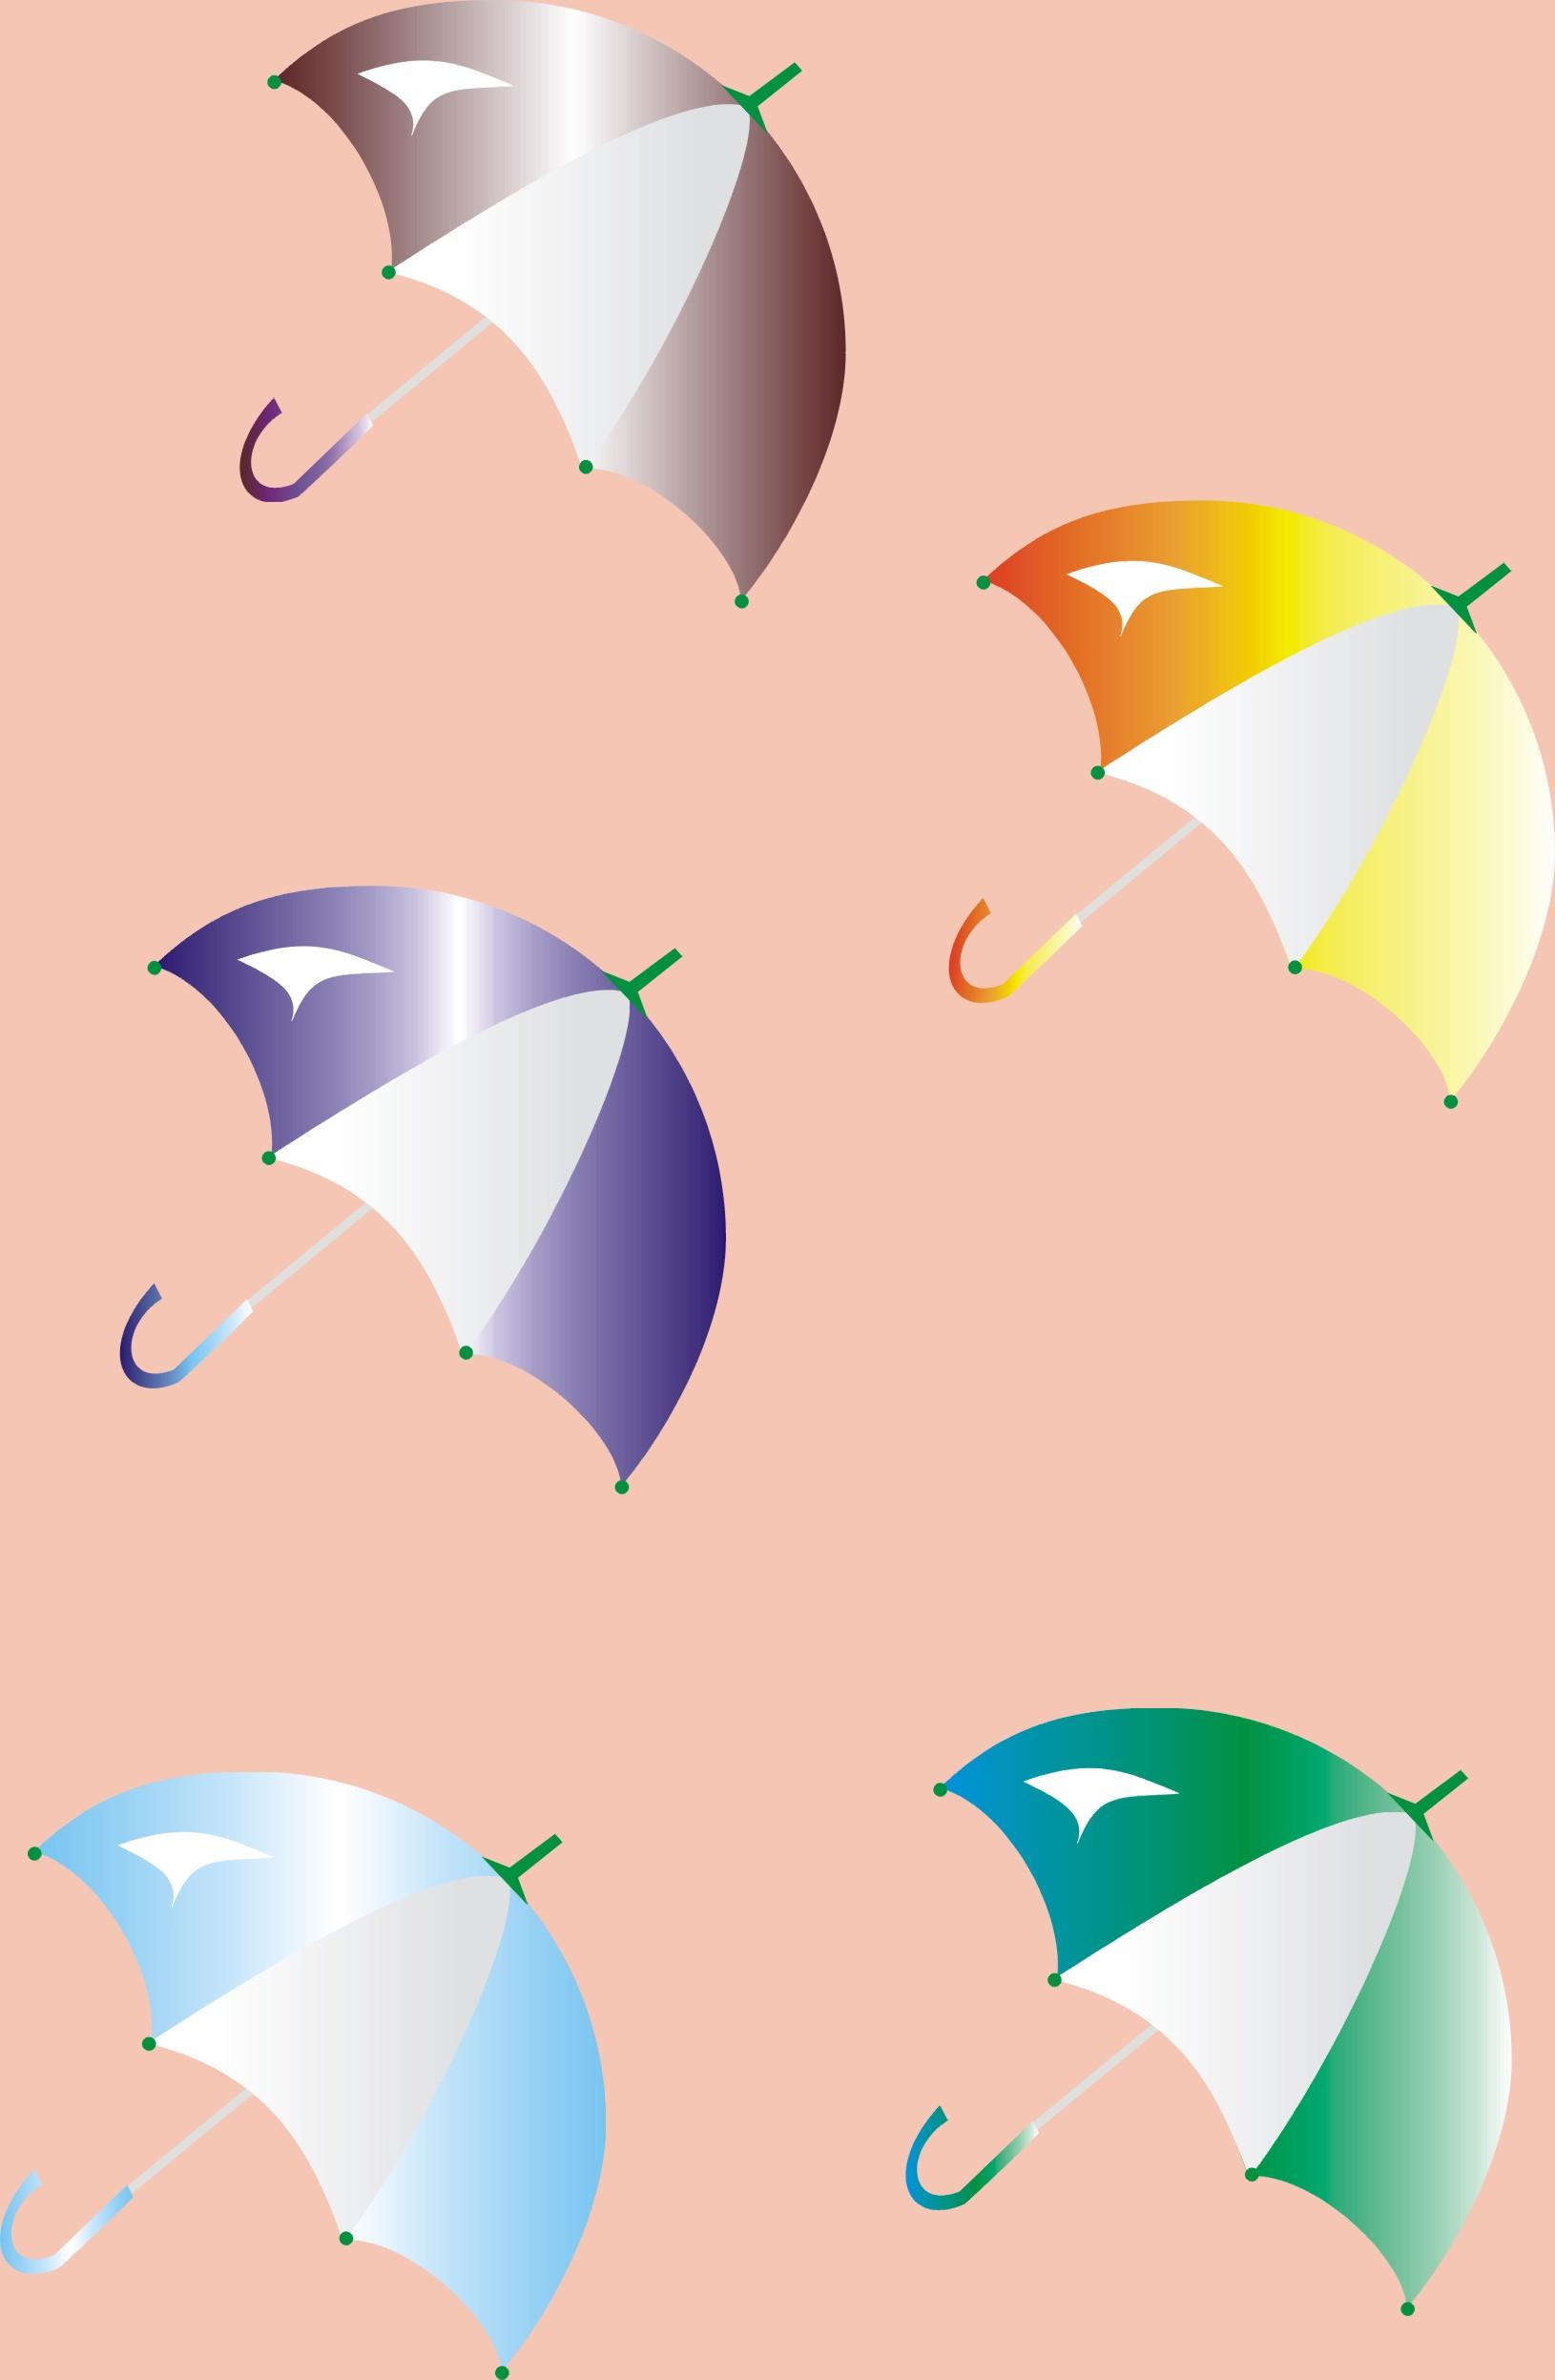 雨伞和蜜蜂矢量图